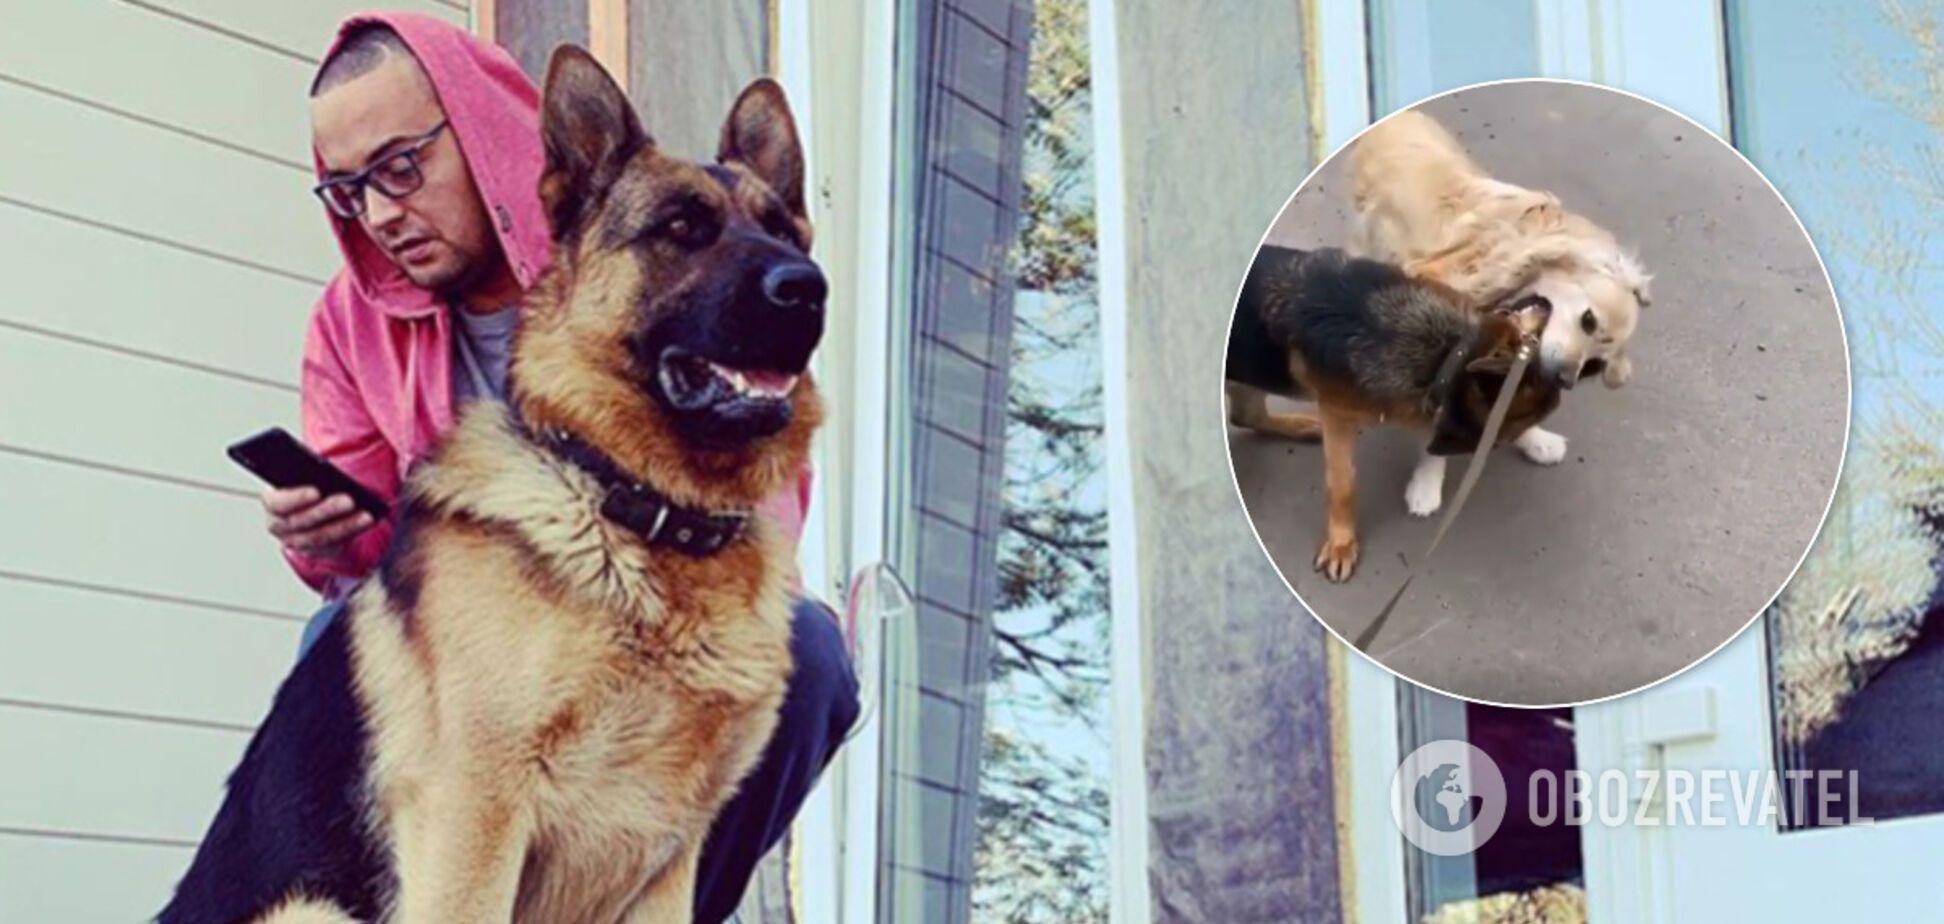 Гуф устроил жестокие собачьи бои и снял их на камеру: рэпера призвали наказать за 'живодерство'